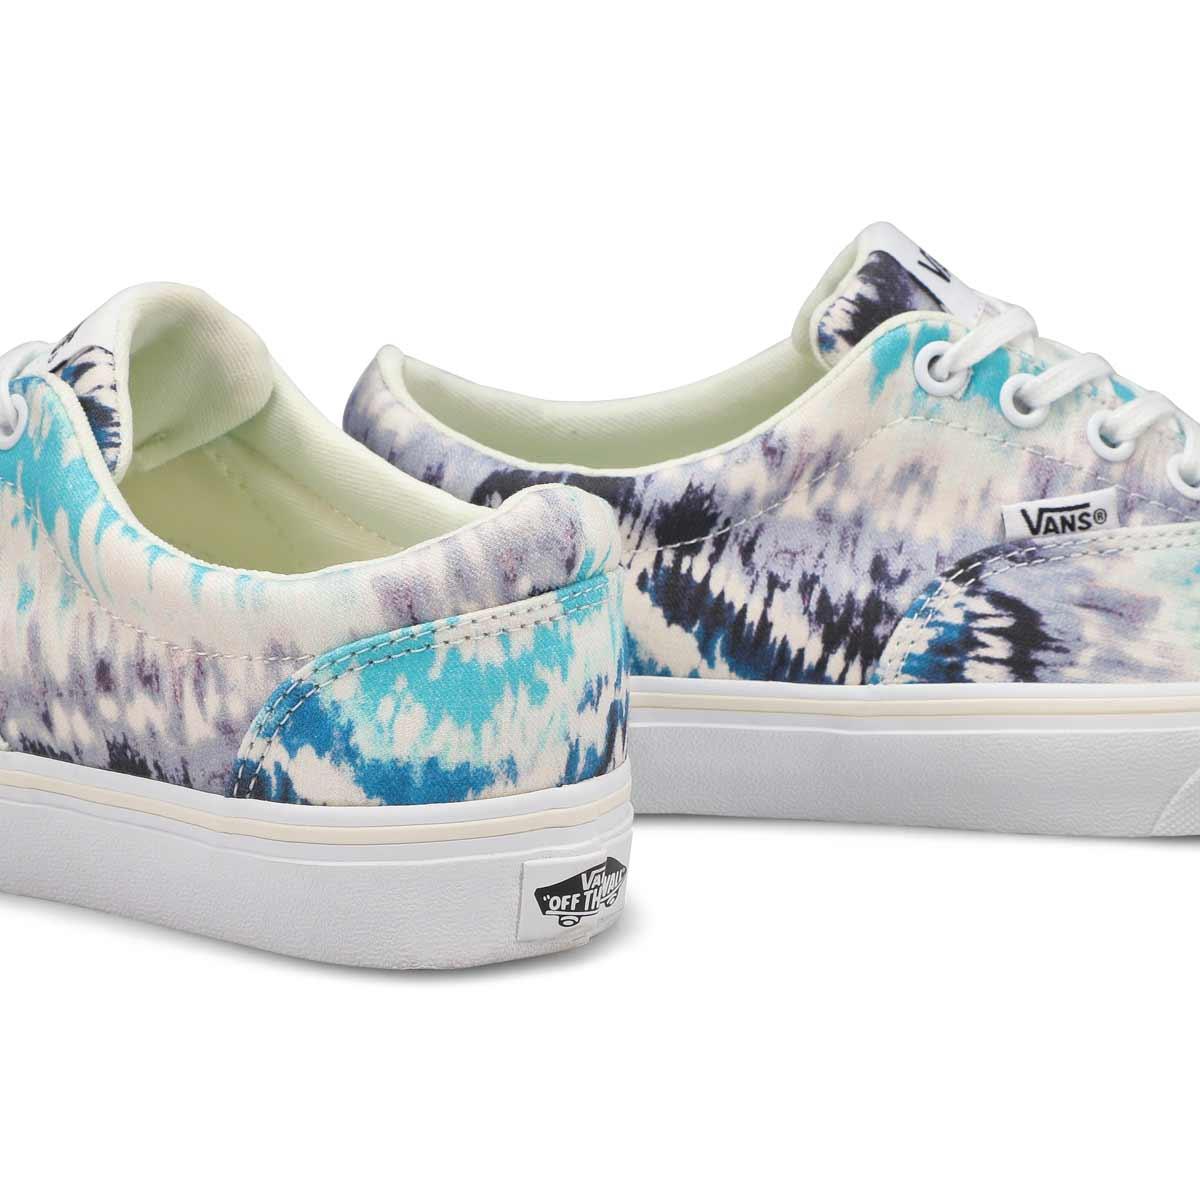 Women's Doheny Sneaker - Tie Dye Multi/ White